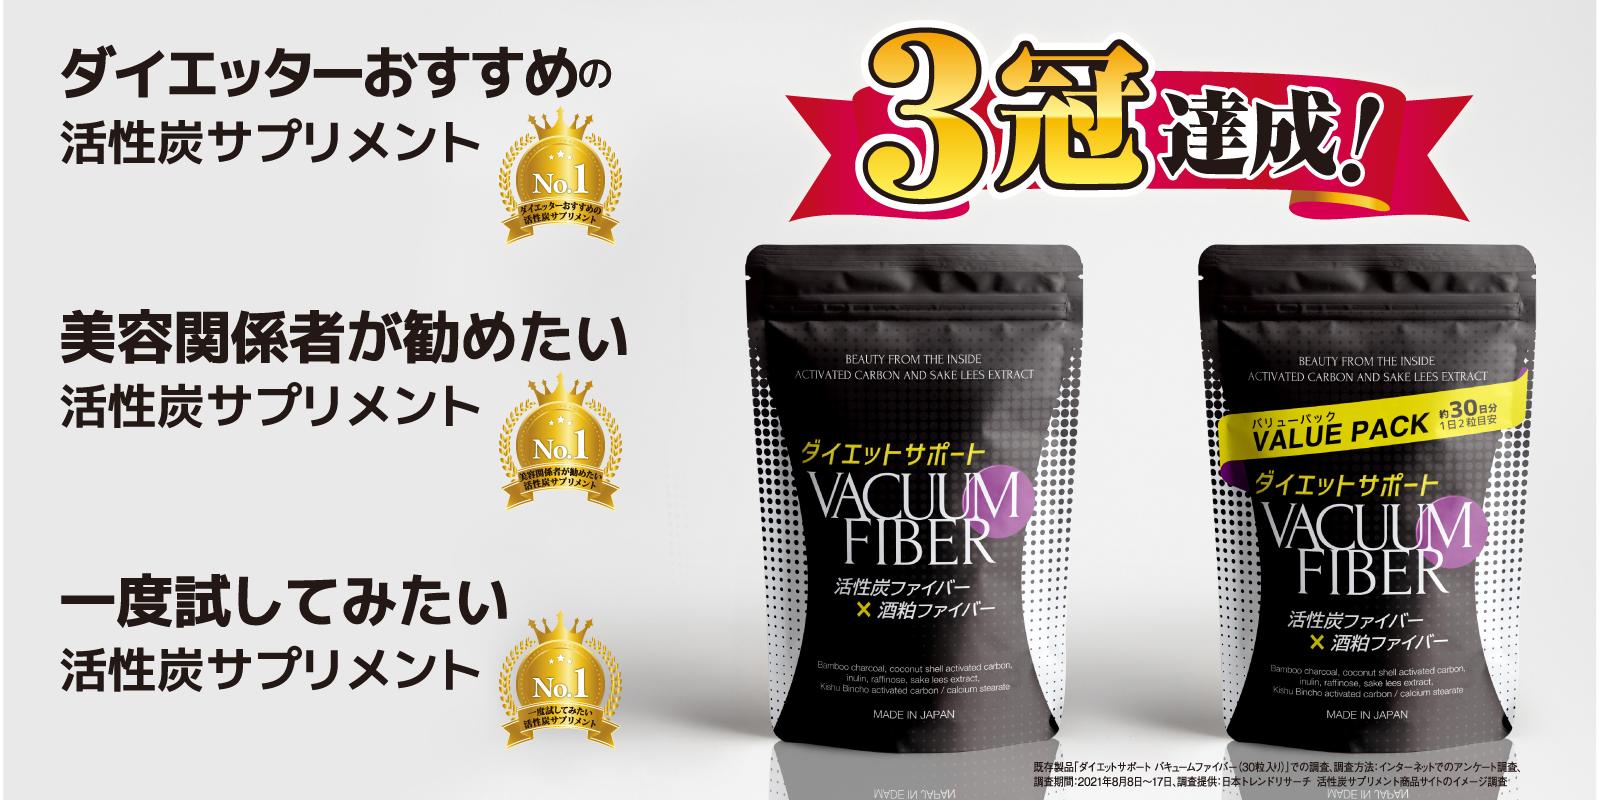 【商品情報】ダイエットサポートVACUUMFIBER(バキュームファイバー)3冠獲得!